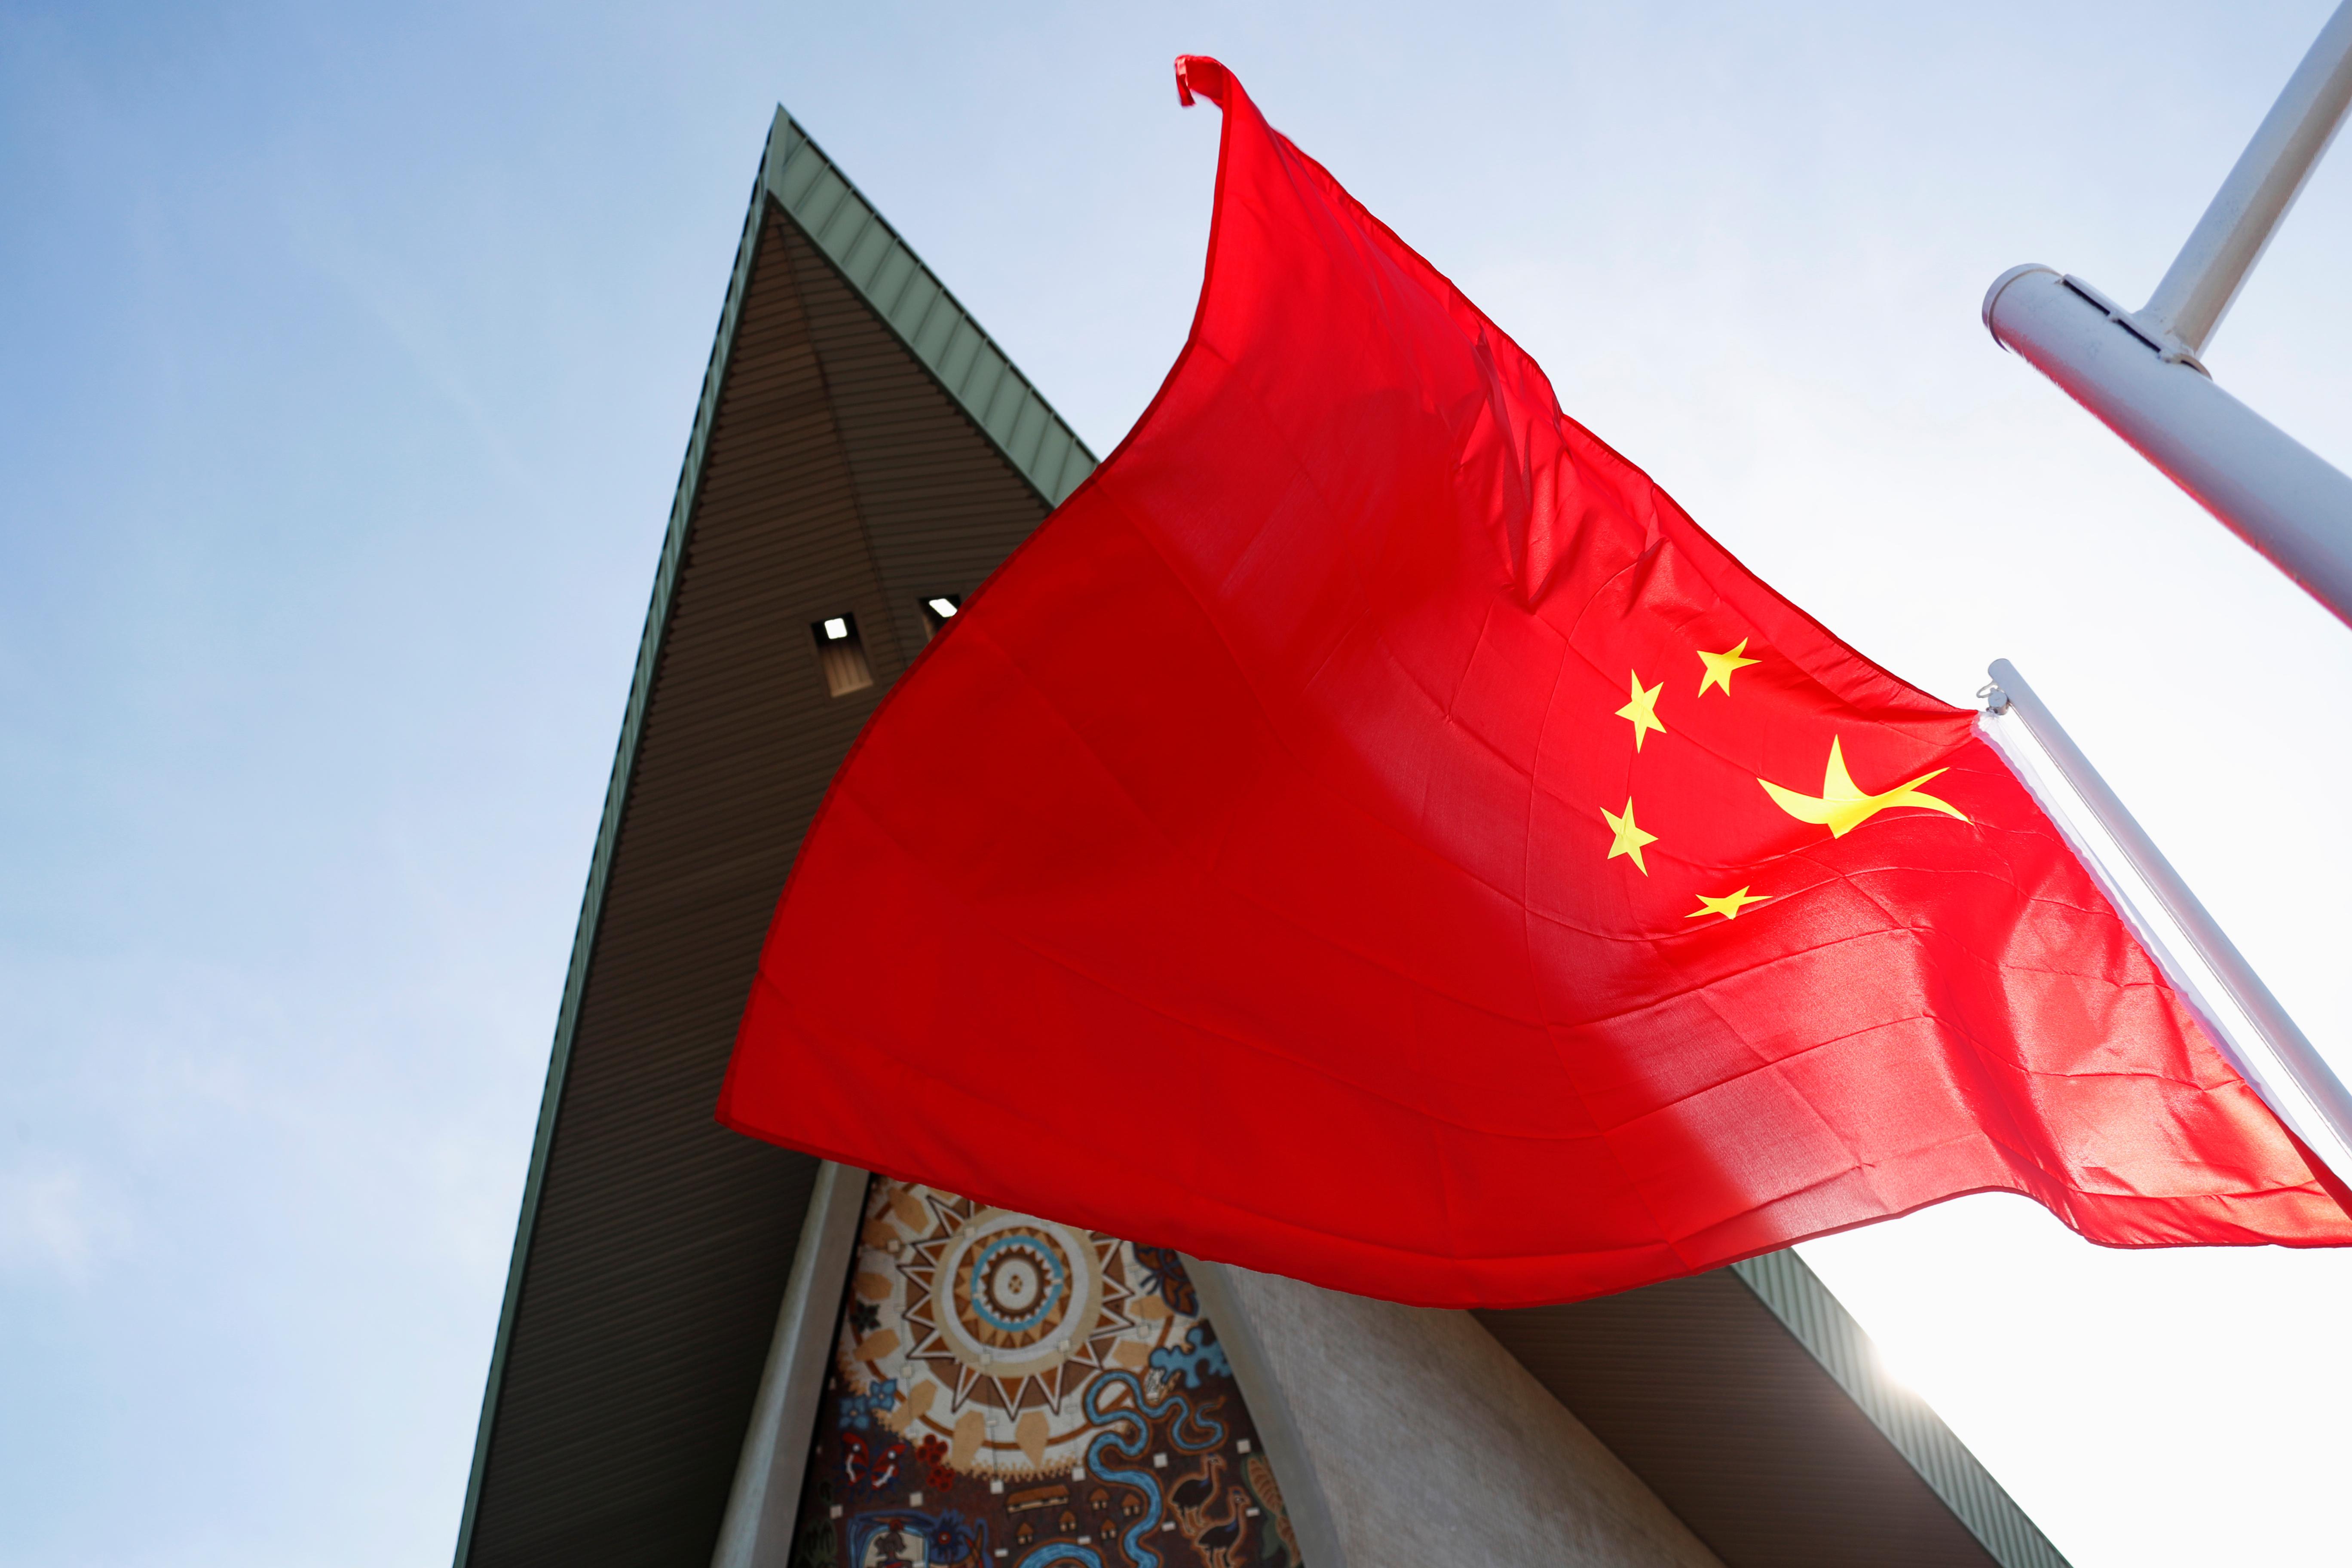 Erzeugerpreise in China fallen - Verbraucherpreise steigen